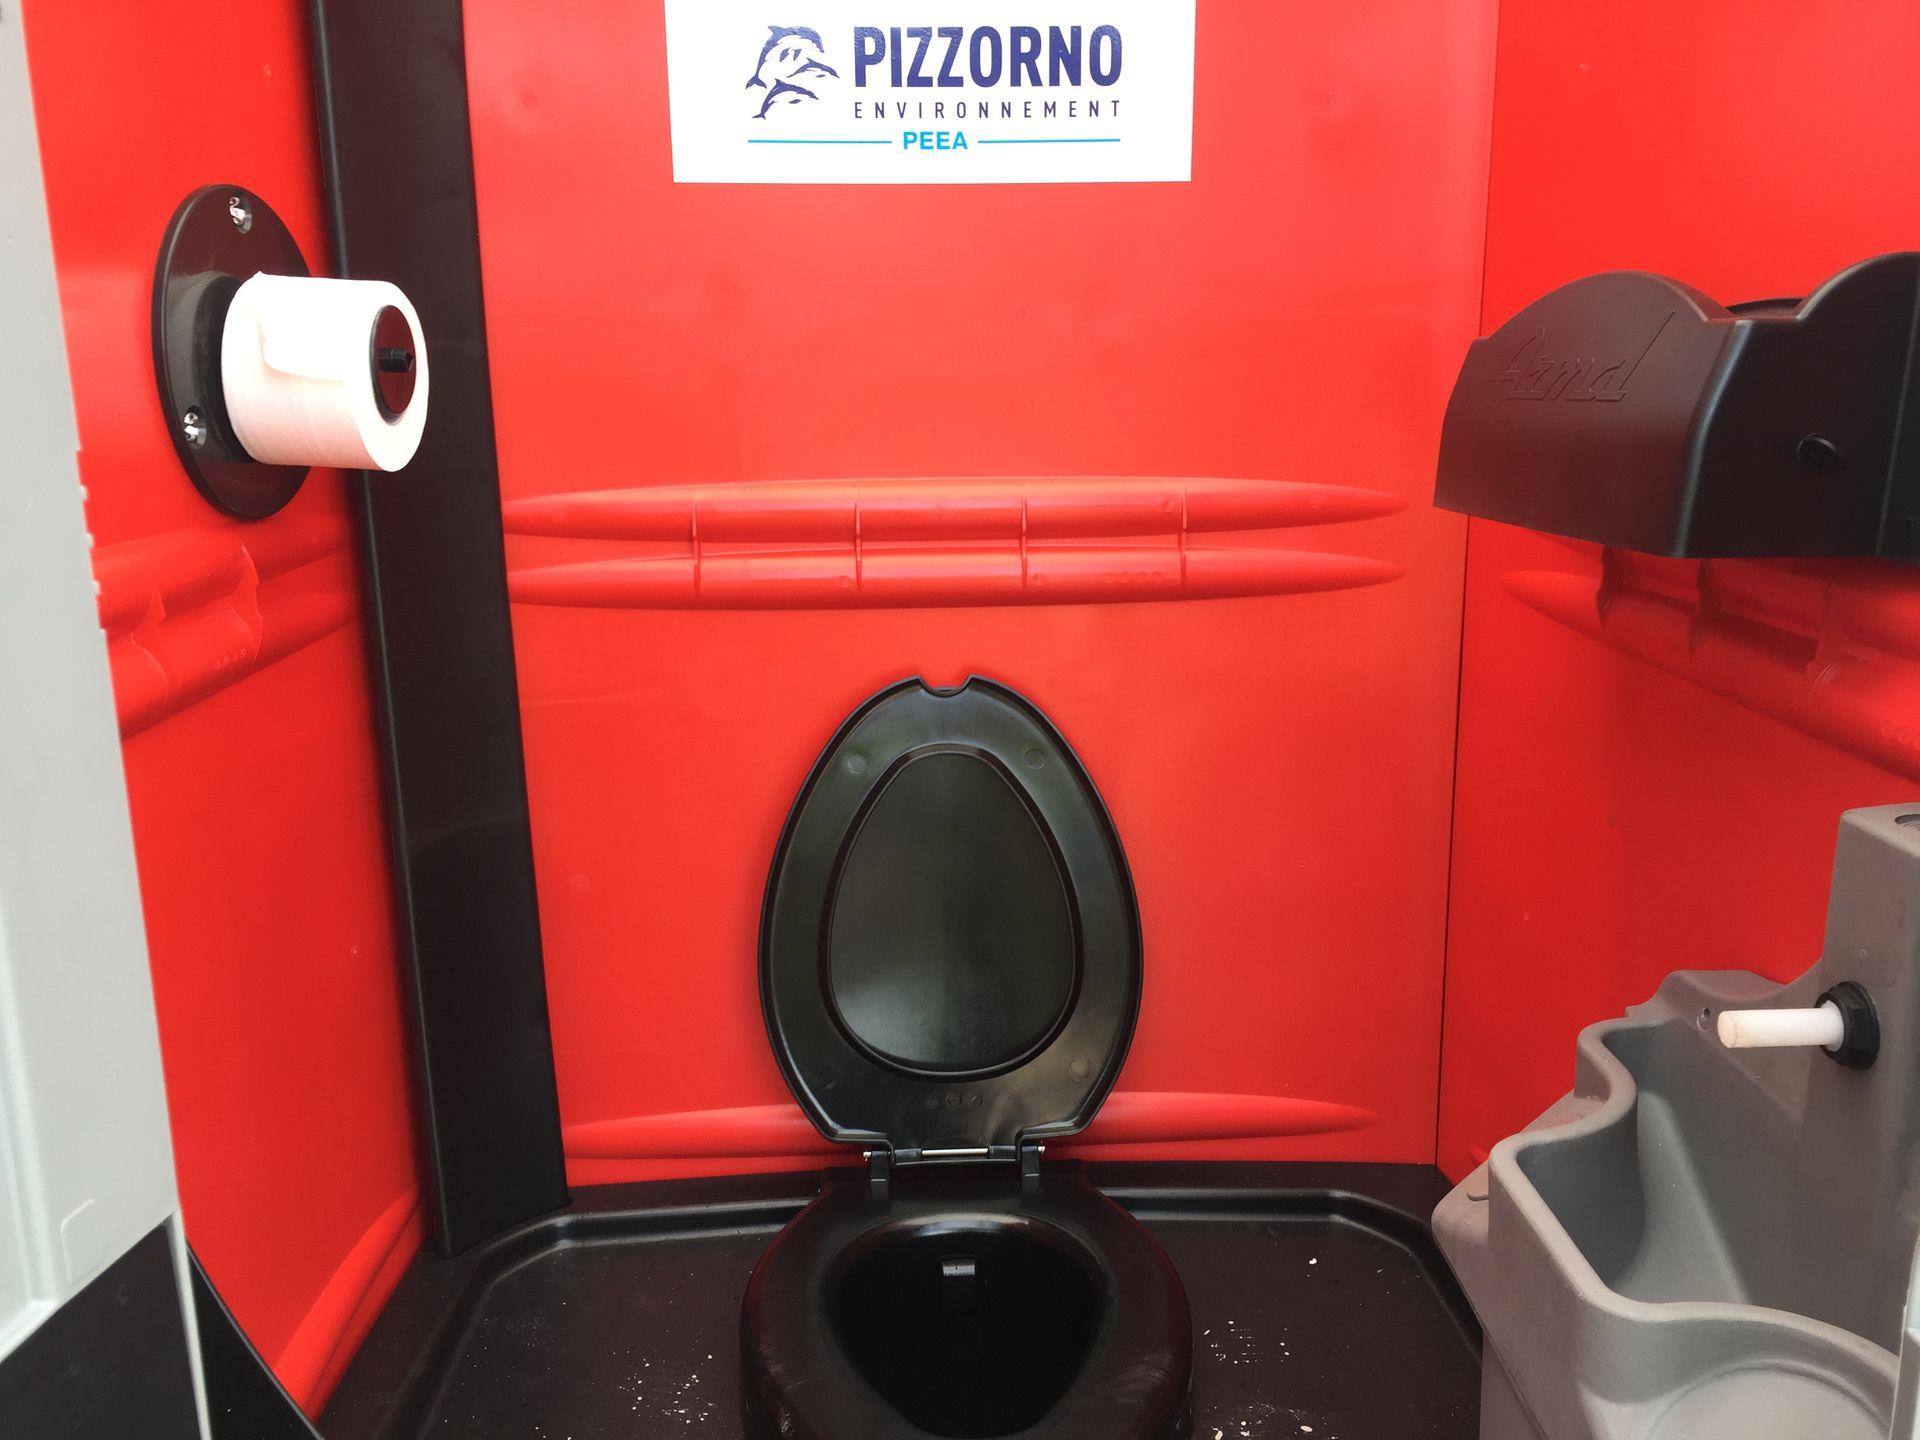 Location Et Entretien De Toilettes Chimiques De Chantier concernant Prix Location Toilette Chimique